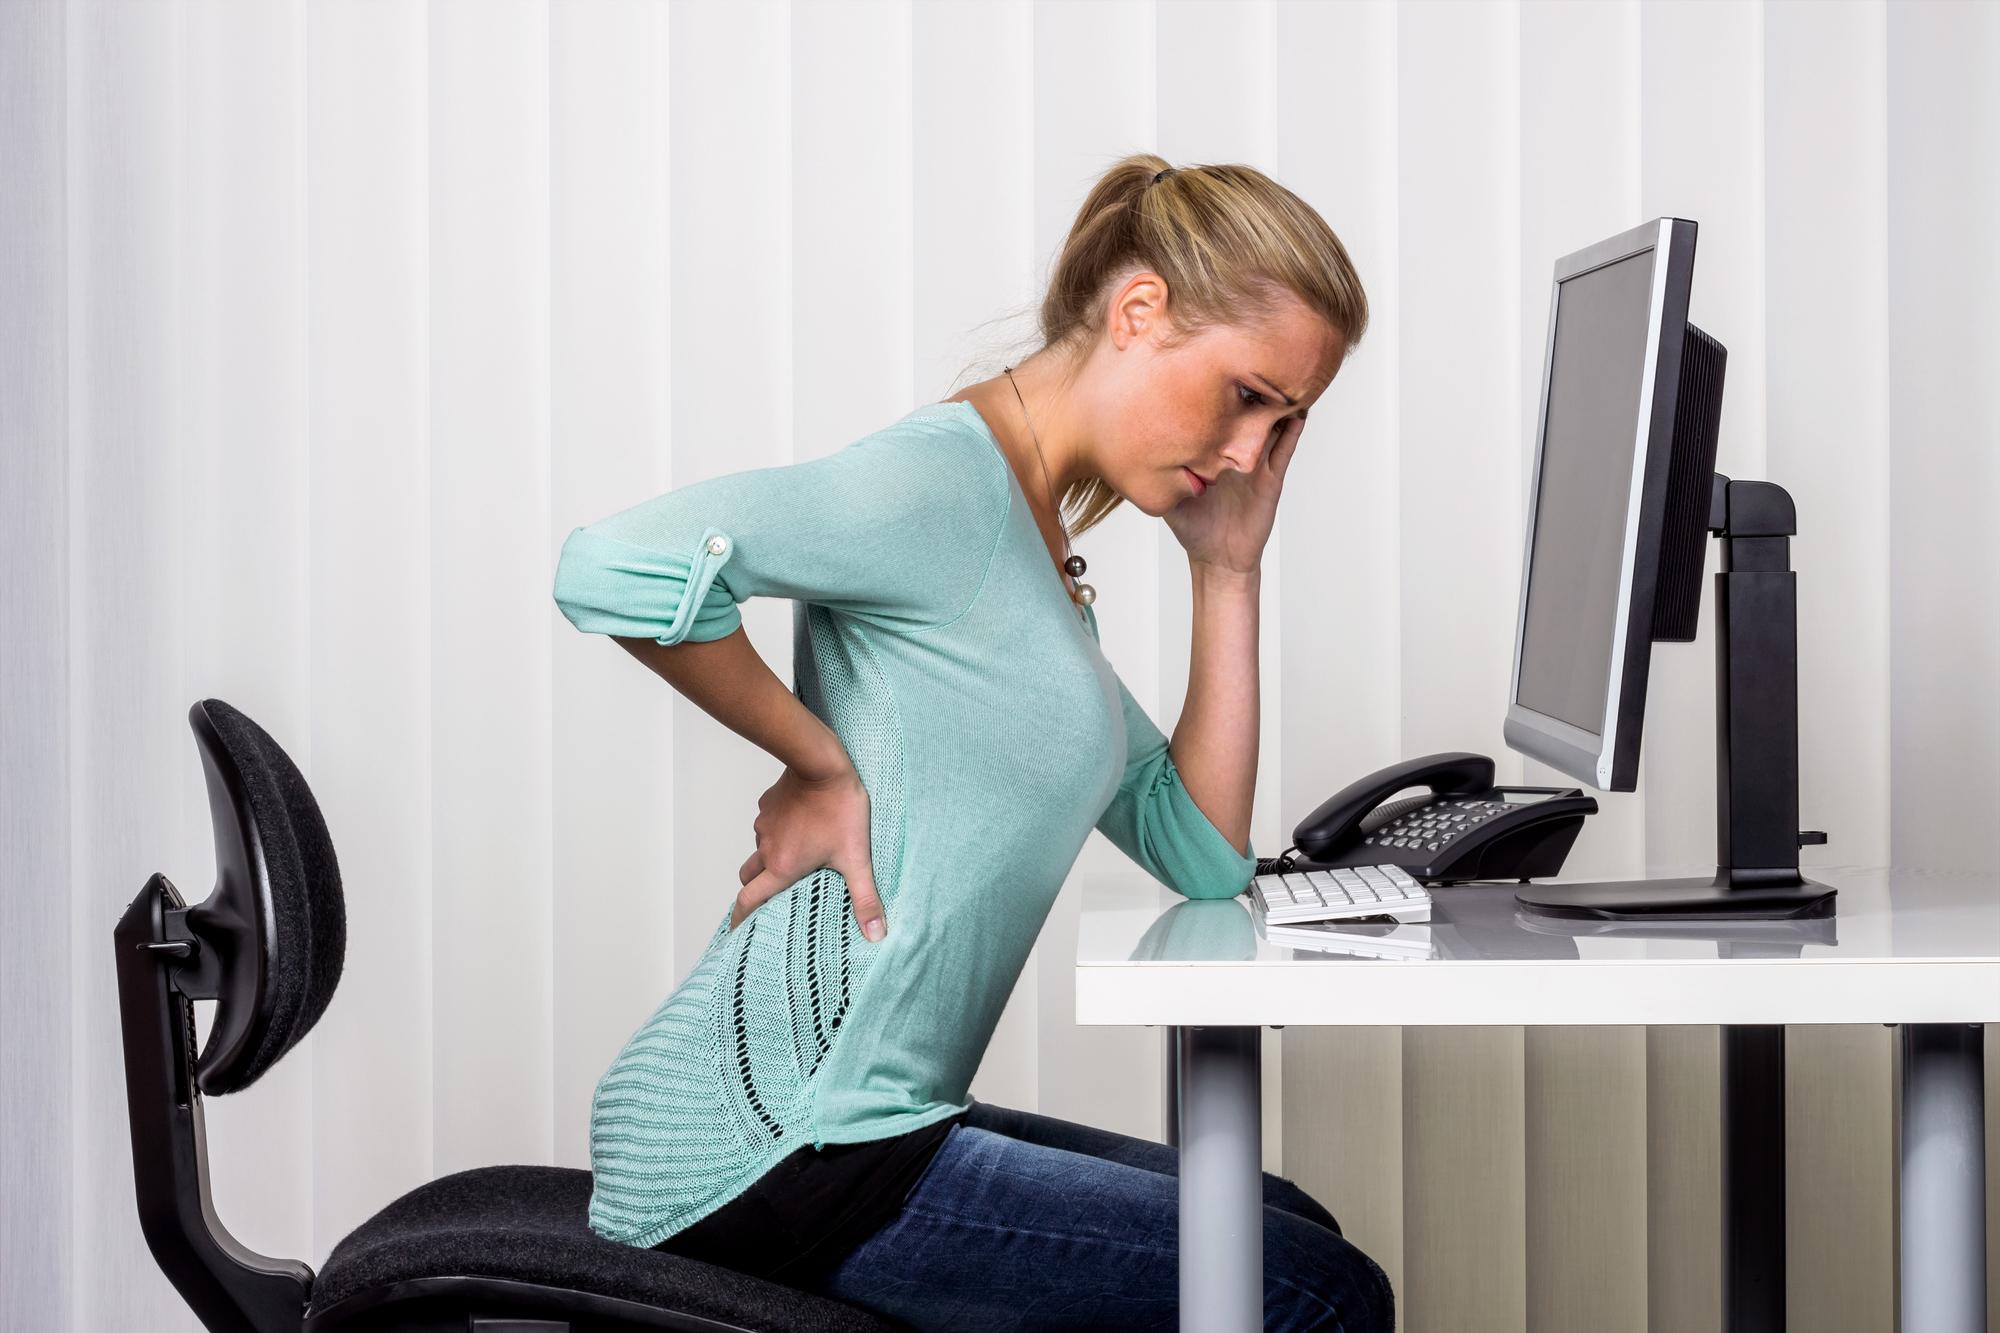 Проблемы со здоровьем, которые возникают из-за компьютера